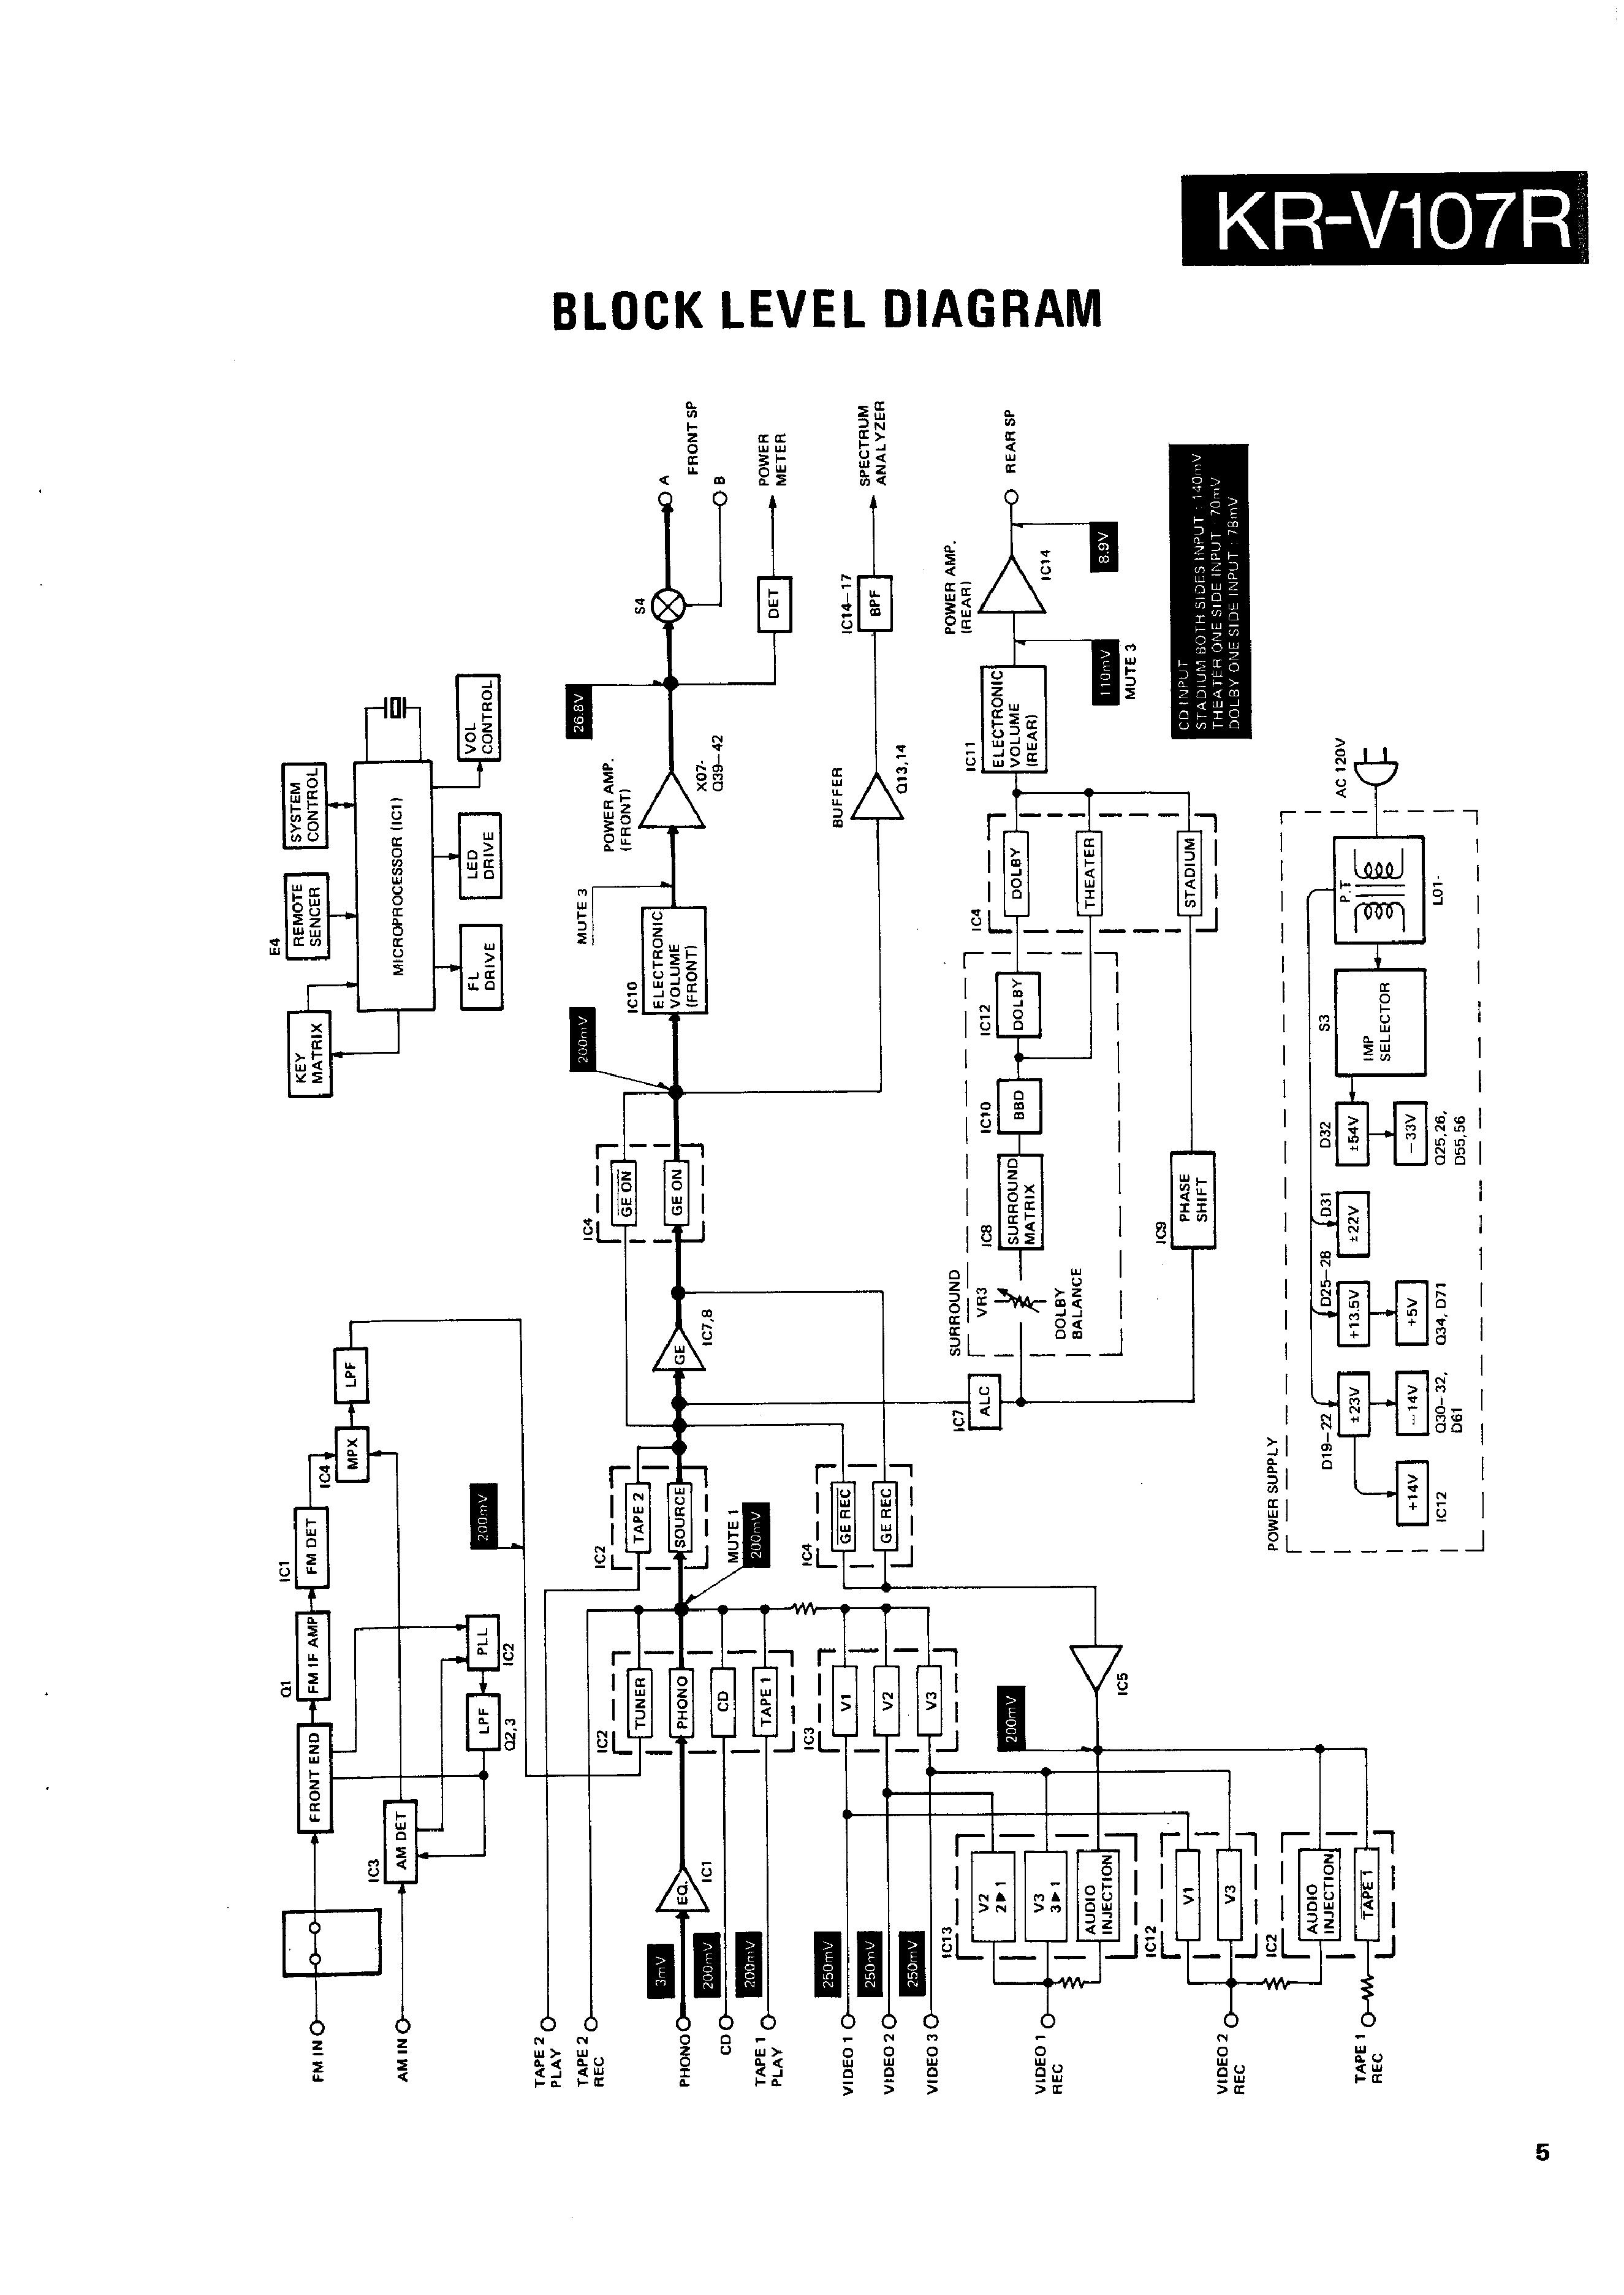 Service Manual For Kenwood Kr V107r